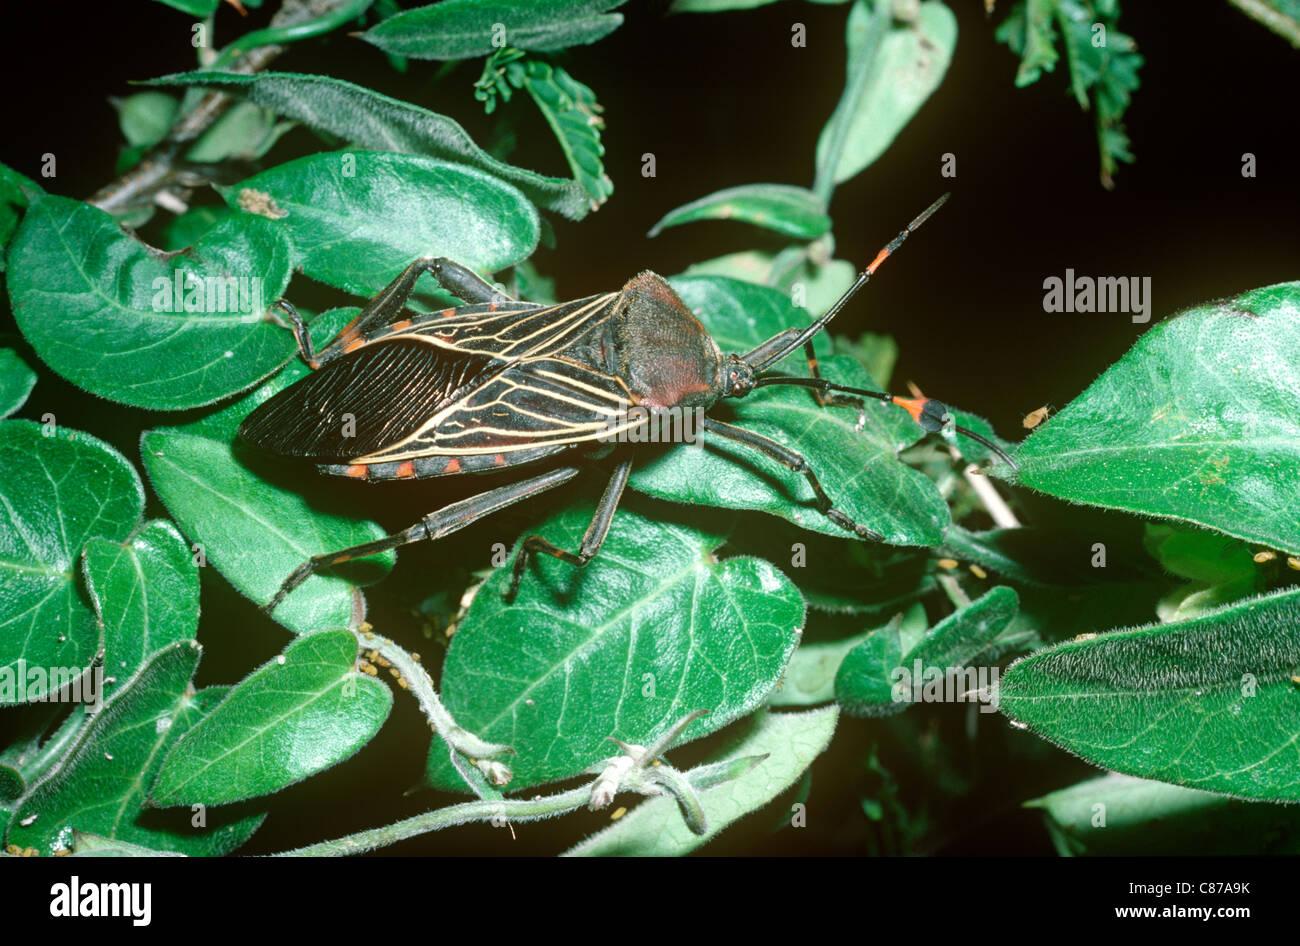 True Bug Leaf Footed Bug Stock Photos & True Bug Leaf Footed Bug ...